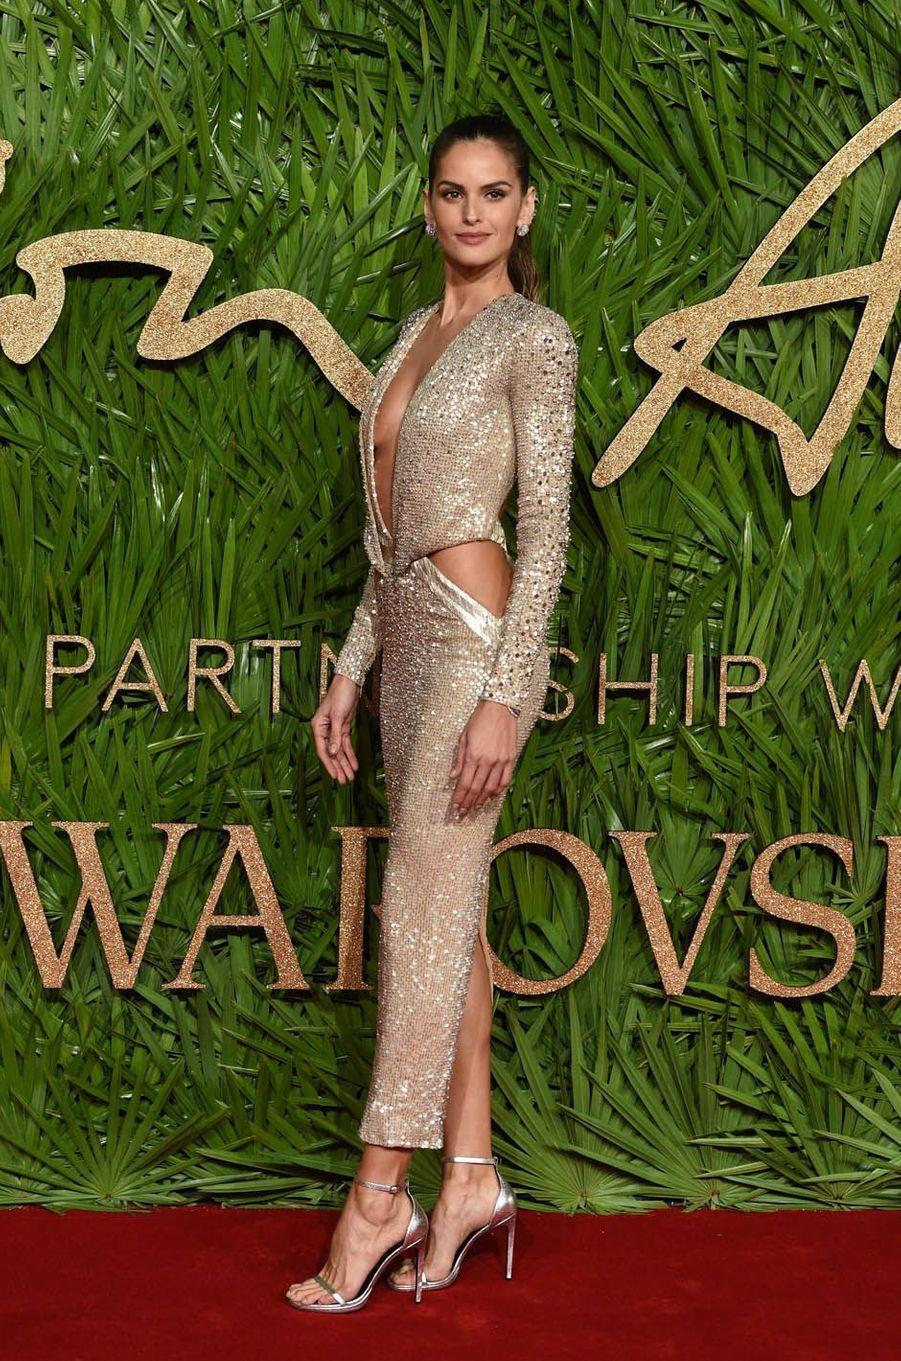 Izabel Goulartaux Fashion Awards, le 4 décembre 2017 à Londres.